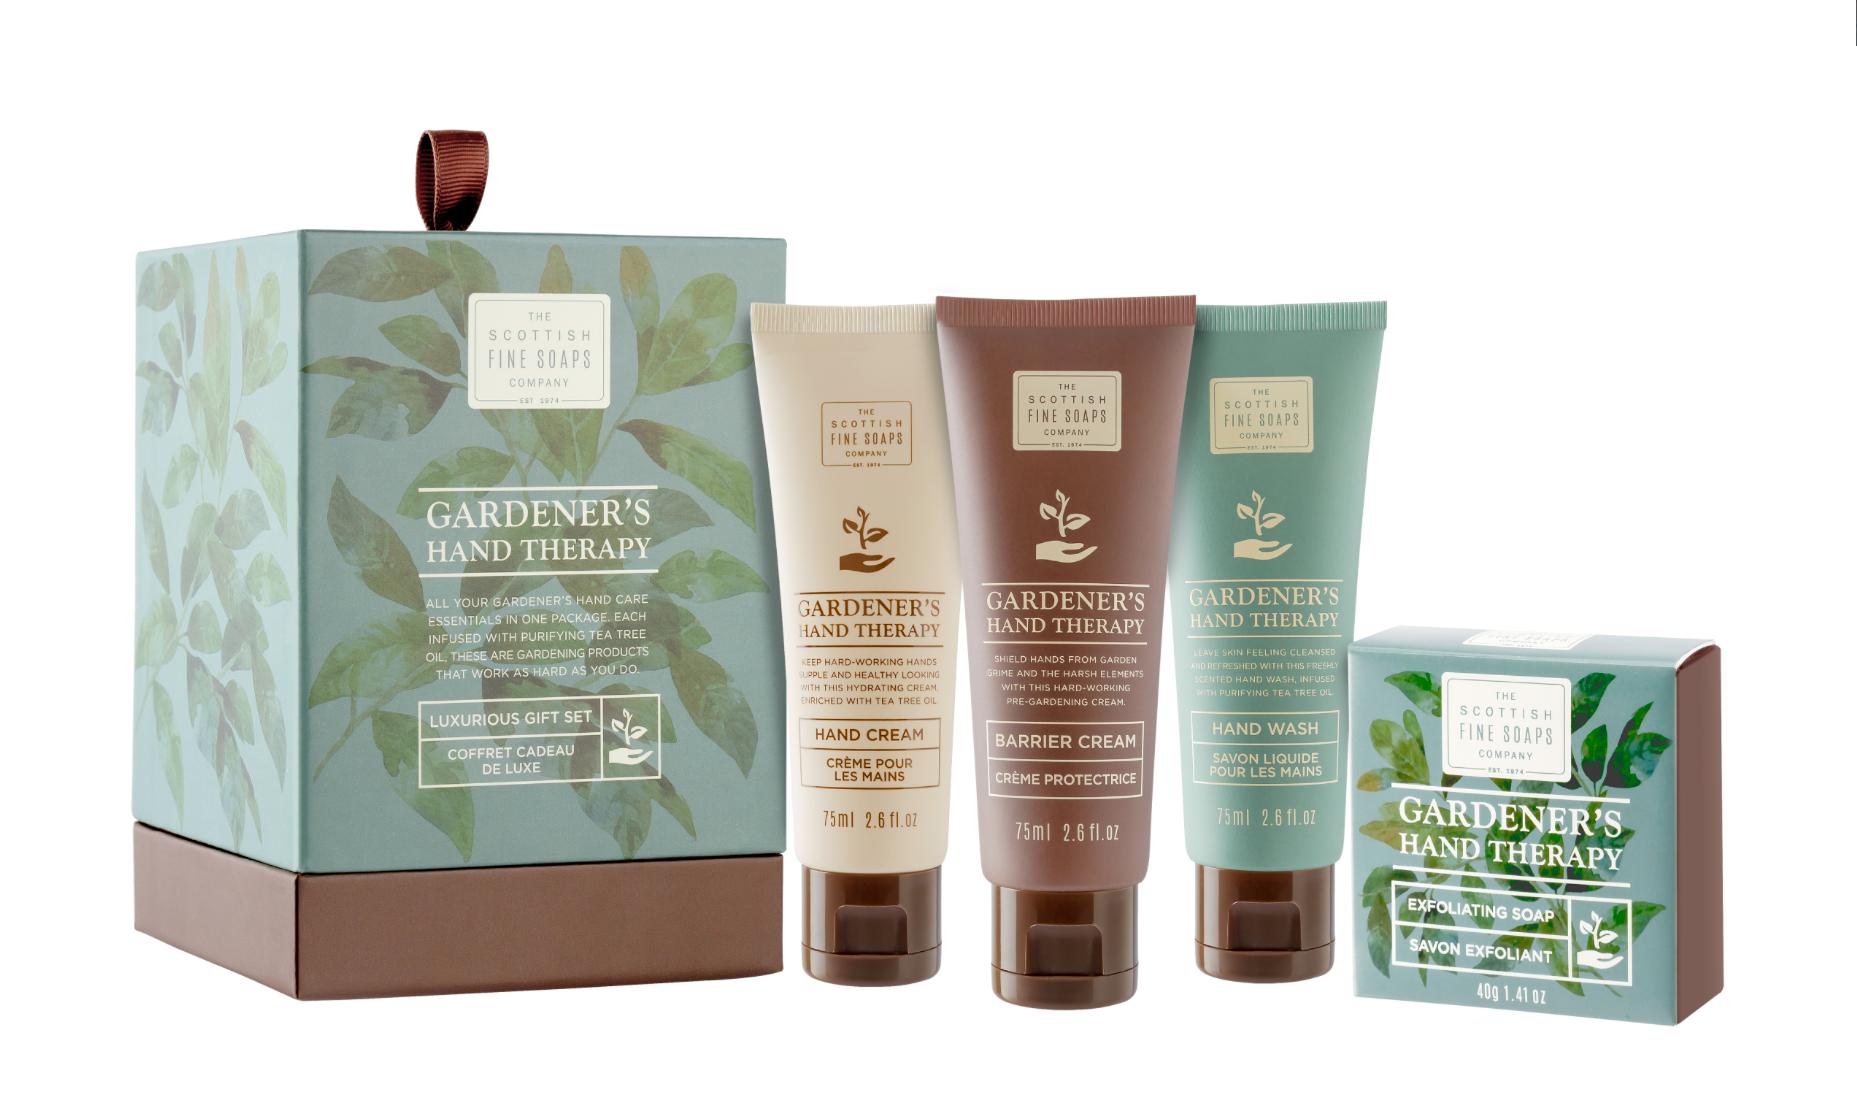 Gardeners gift set - £13